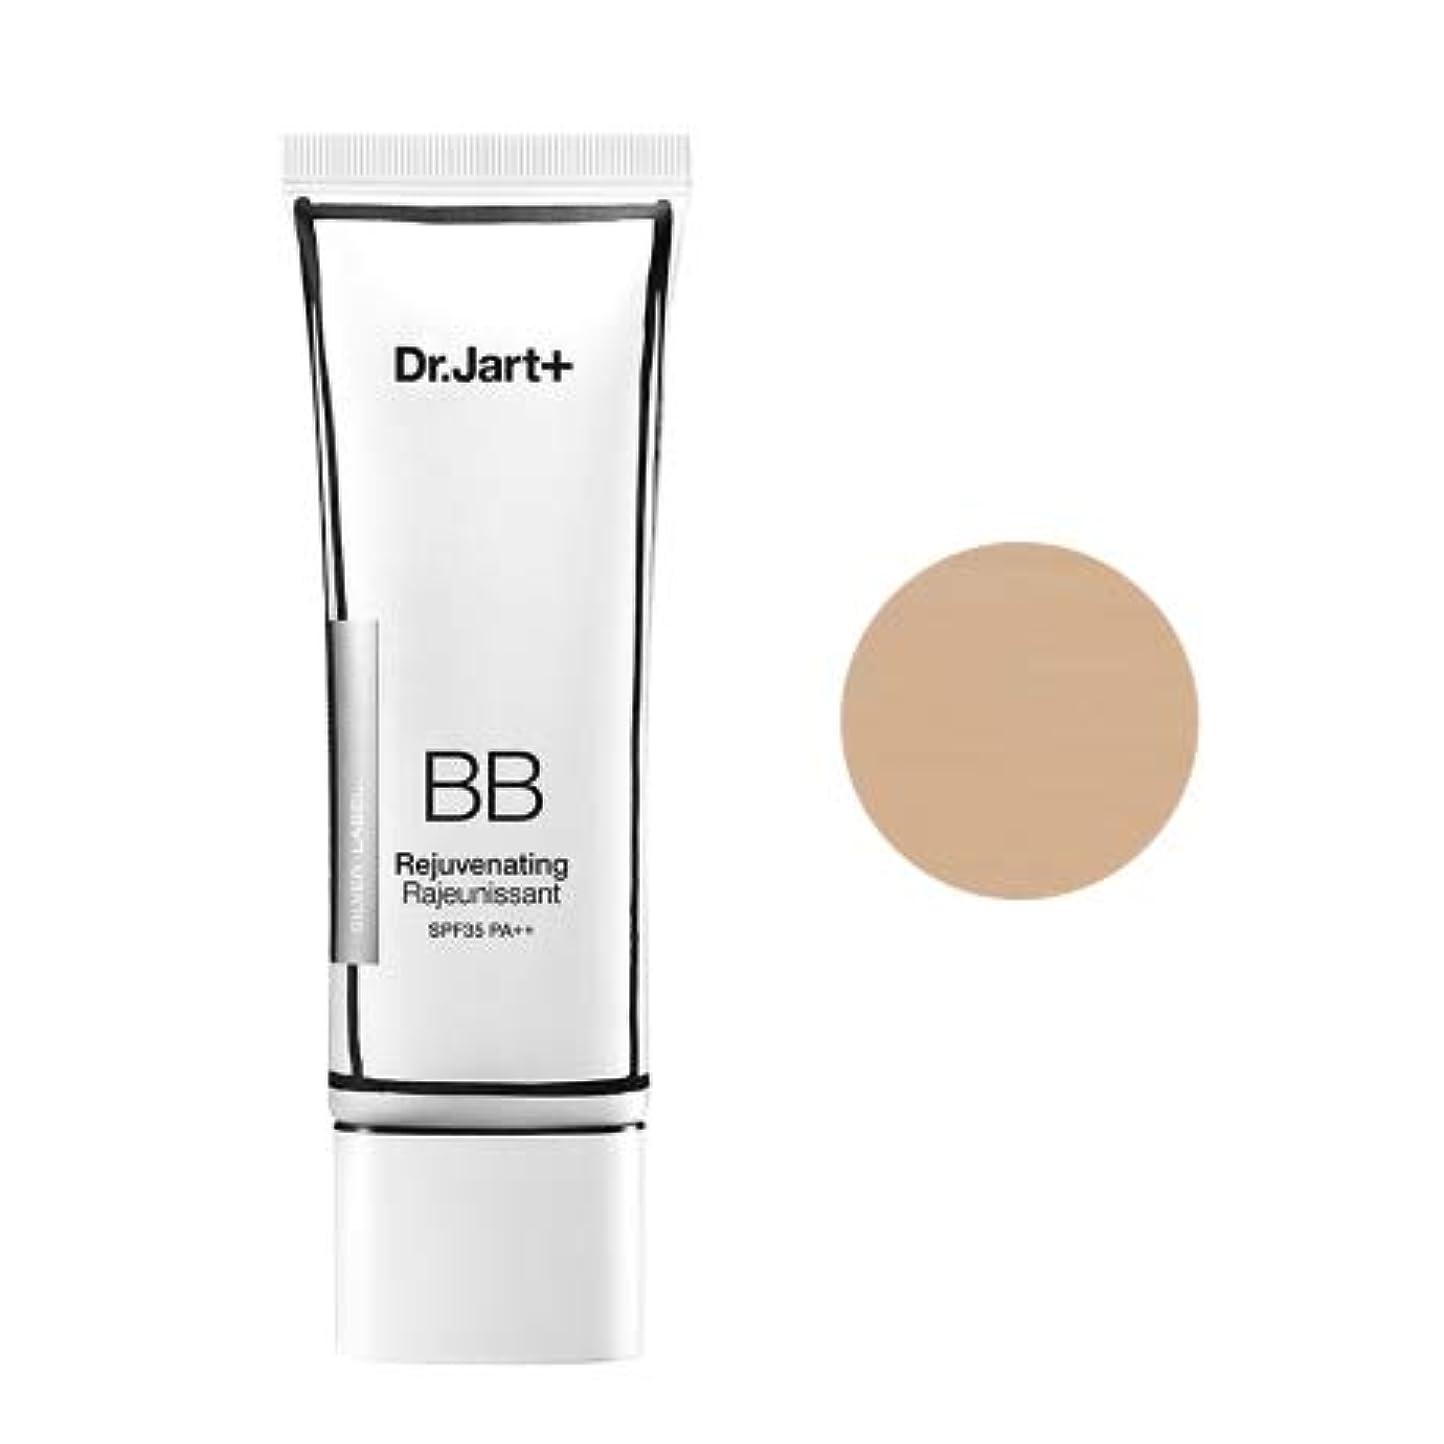 ジョージスティーブンソンストライクブランデー[Upgrade] Dr.Jart+Dermakeup Rejuvenating Beauty Balm SPF35 PA++ 50ml /ドクタージャルトゥザメーキャップリージュビネイティンビューティーバーム SPF35...